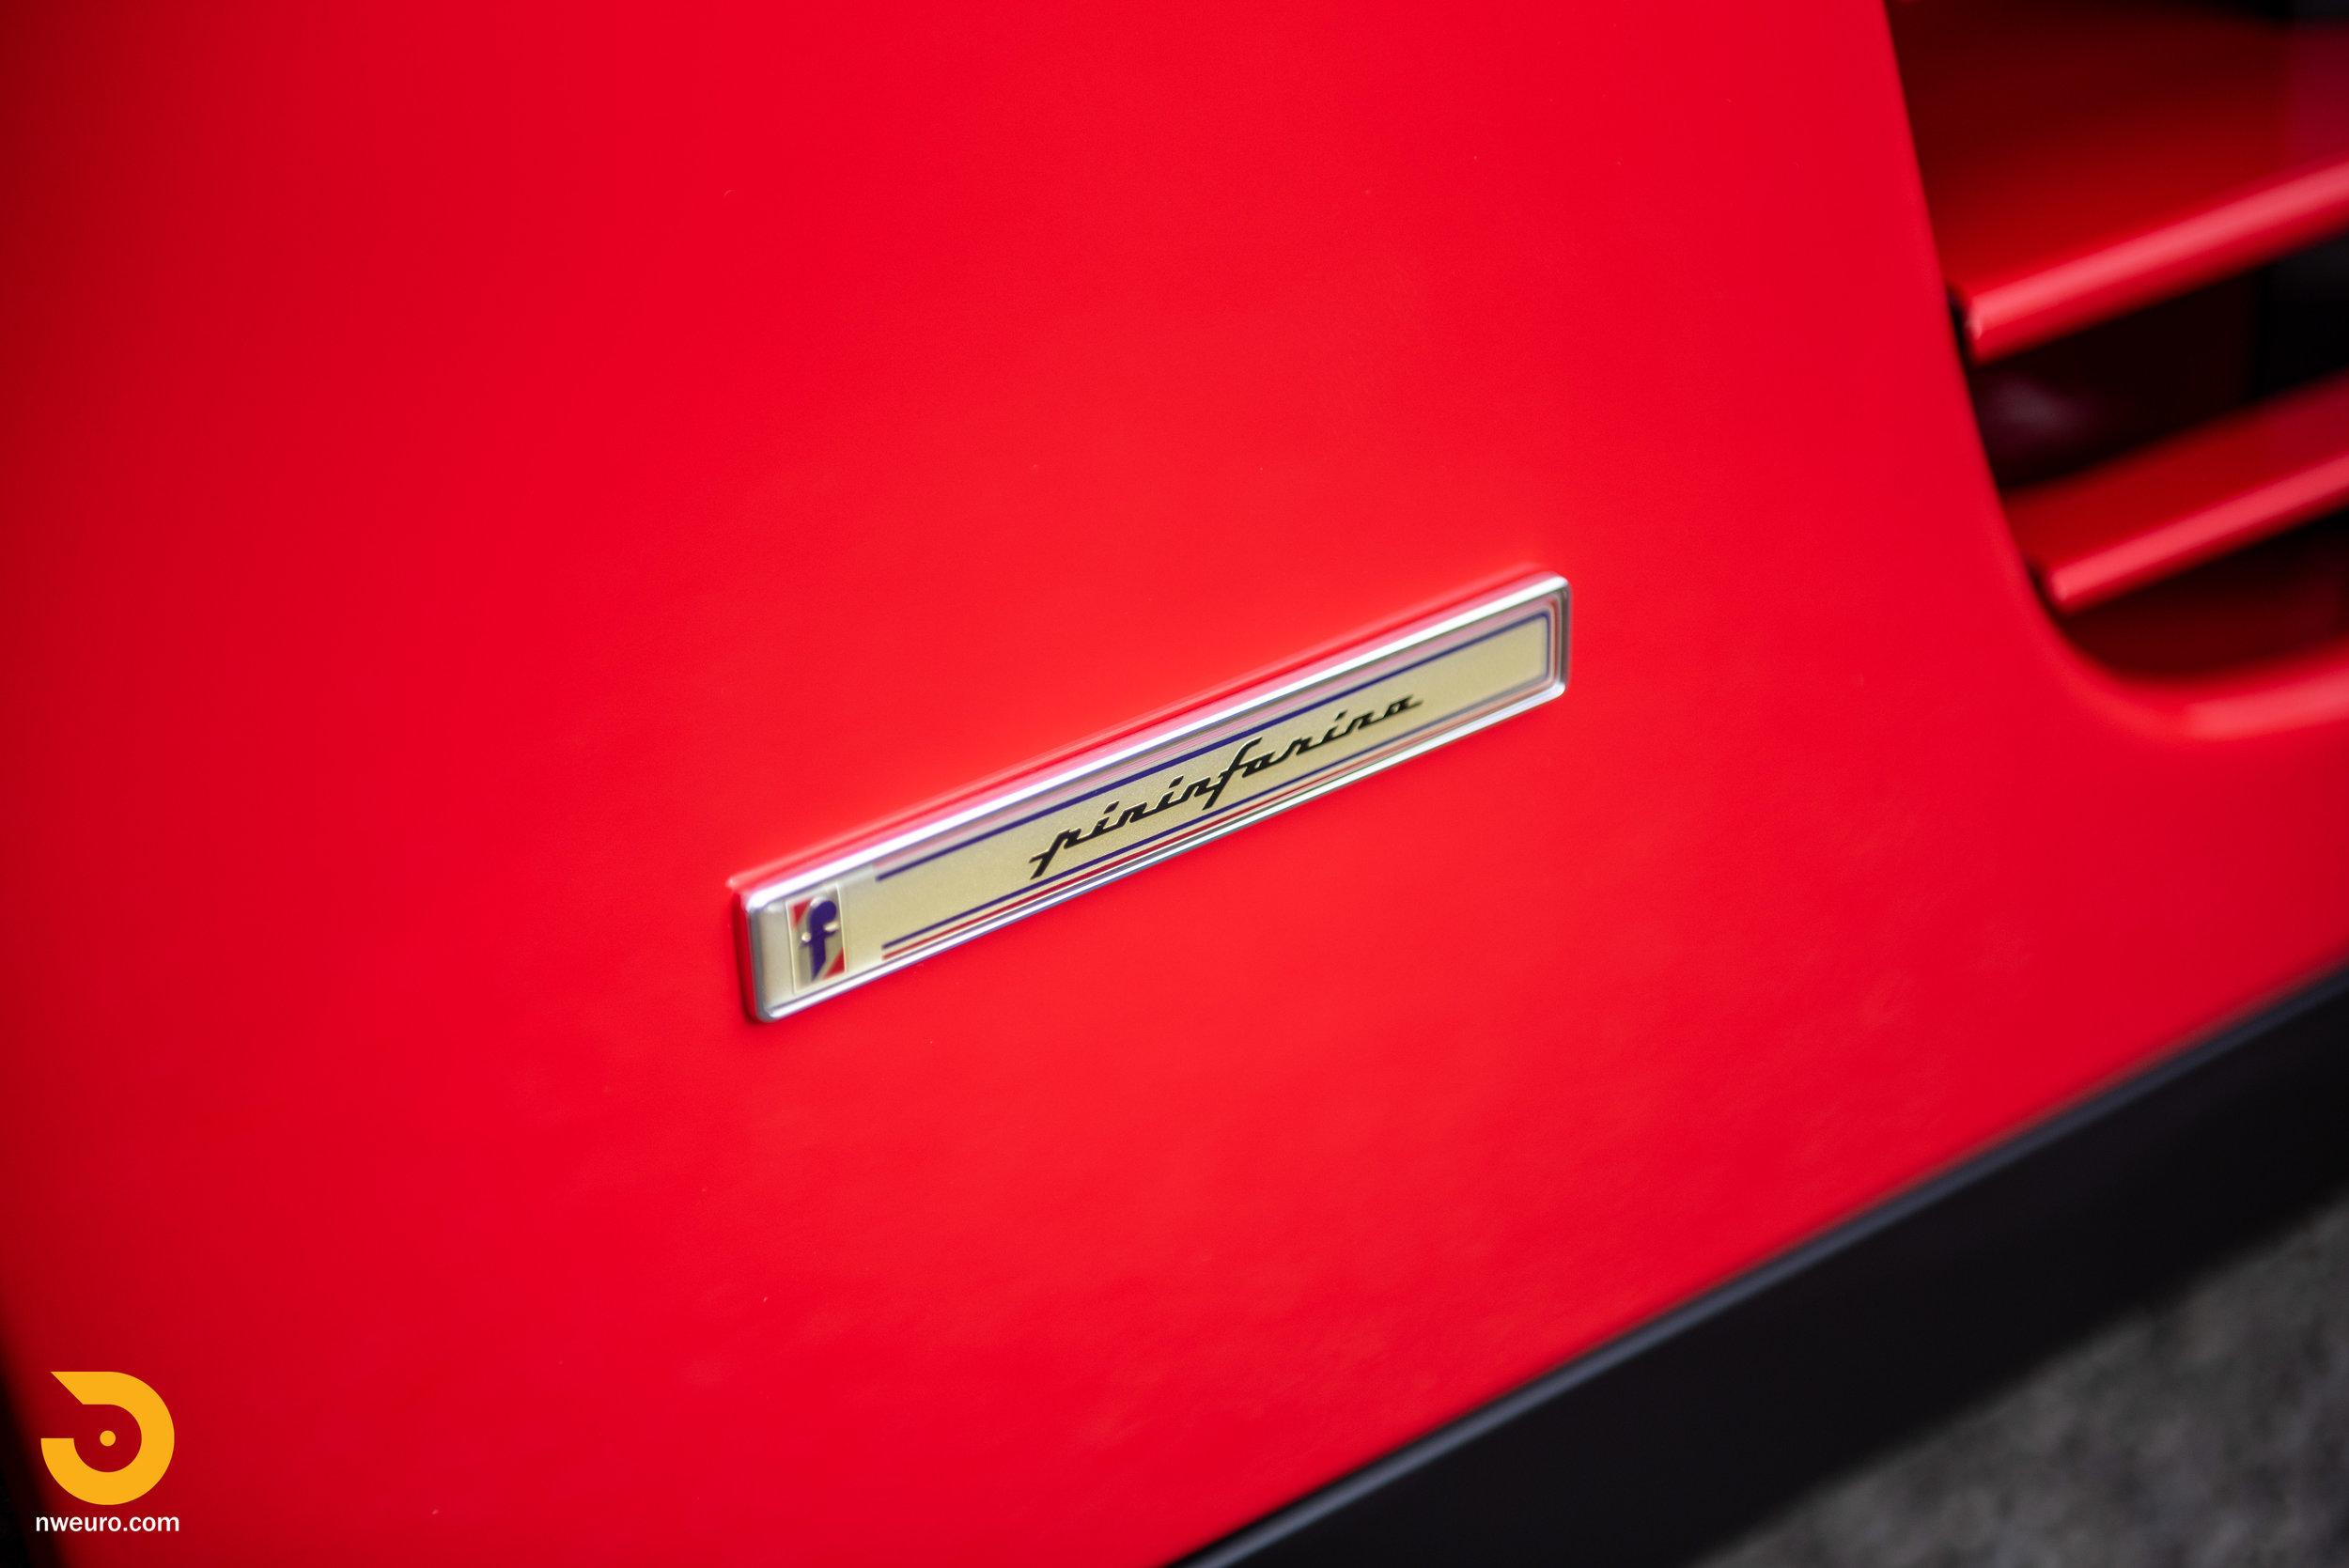 1988 Ferrari Testarossa-5.jpg